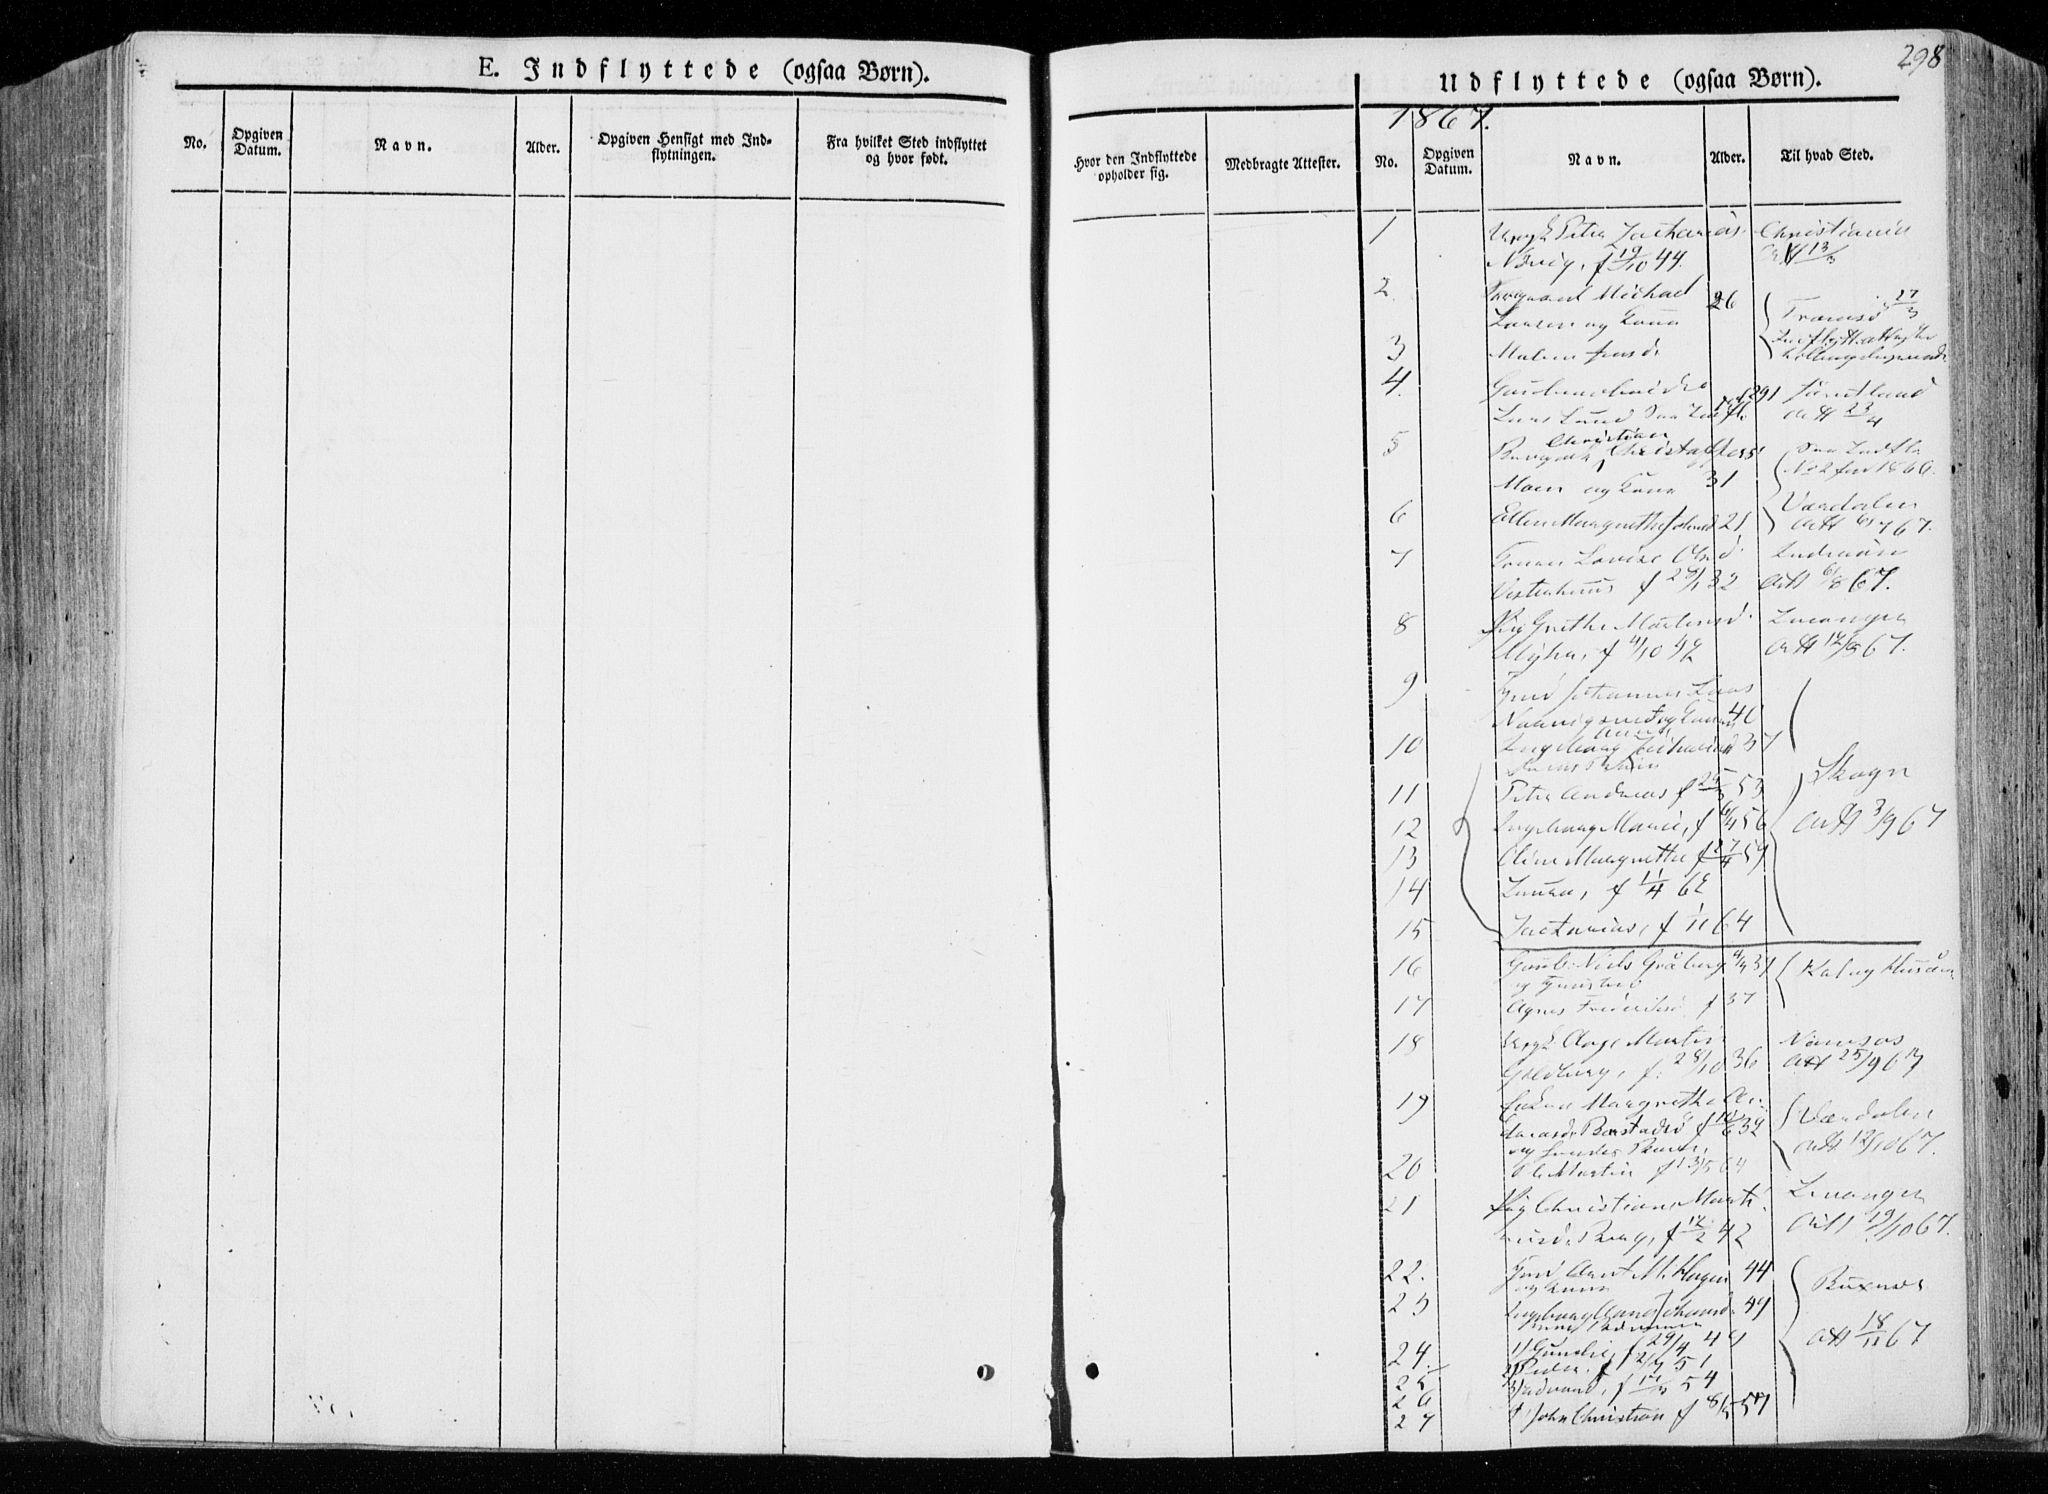 SAT, Ministerialprotokoller, klokkerbøker og fødselsregistre - Nord-Trøndelag, 722/L0218: Ministerialbok nr. 722A05, 1843-1868, s. 298